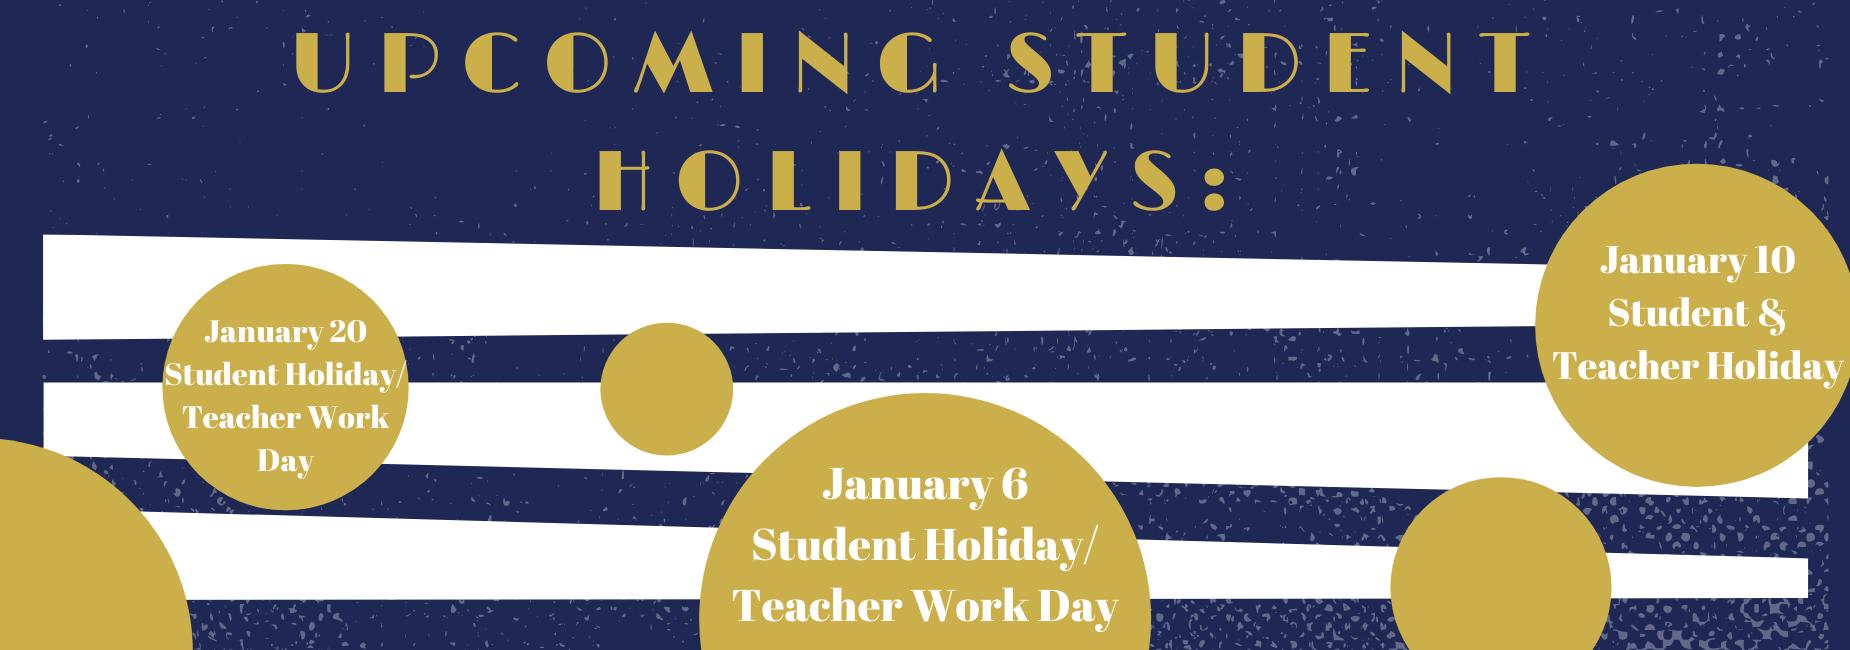 Student Holidays